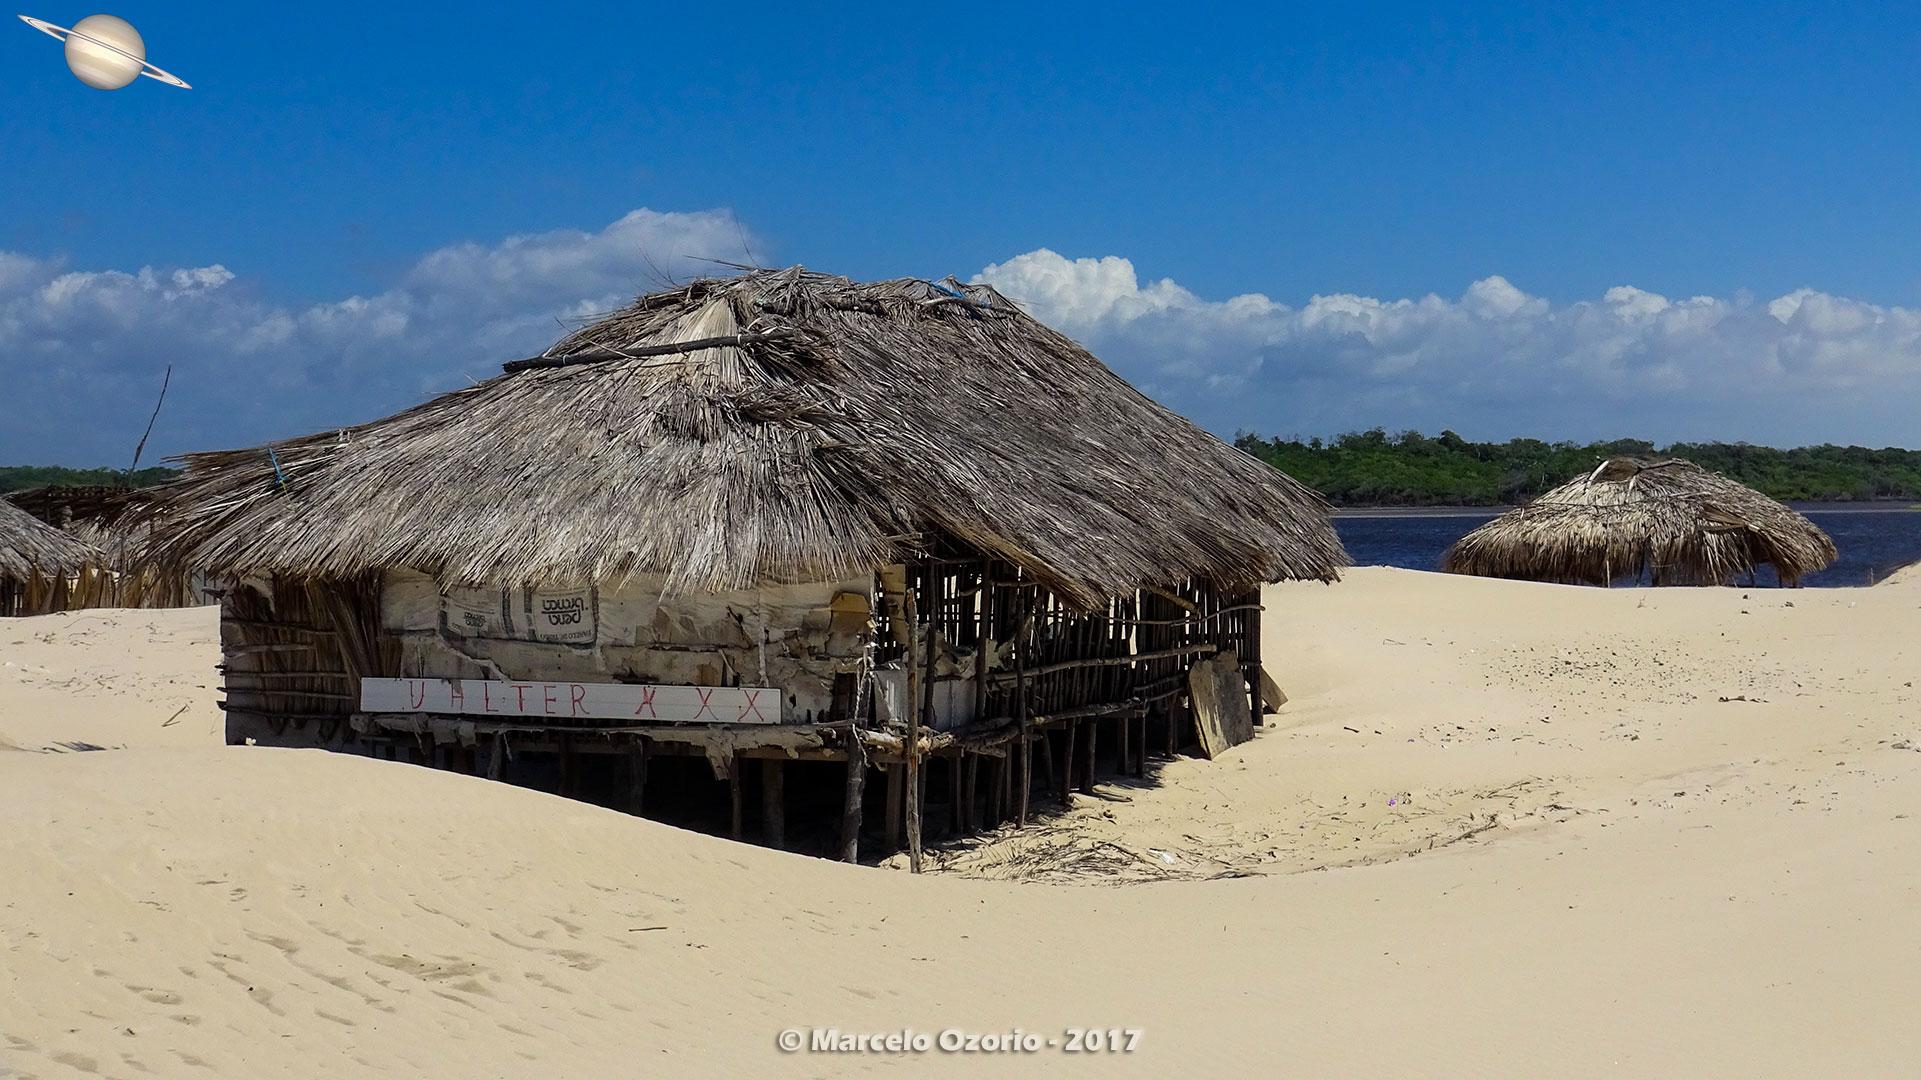 cabure lencois maranhenses brasil 24 - De Barreirinhas à Canto do Atins. Trekking nos Lençóis Maranhenses - Brasil